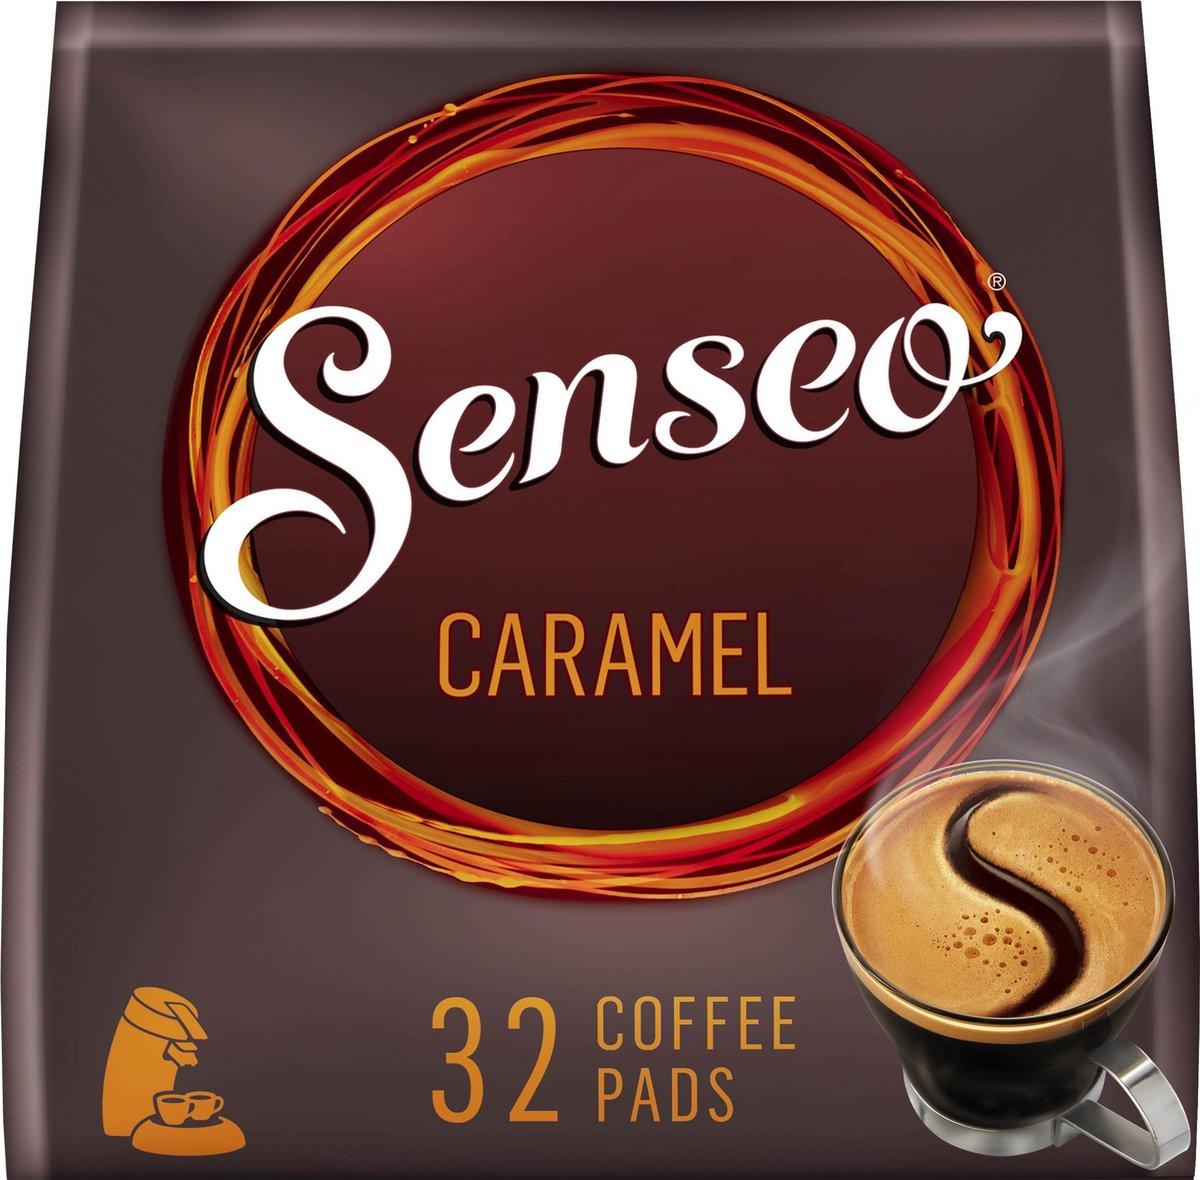 Senseo Caramel Koffiepads - 10 x 32 pads - voor in je Senseo® machine